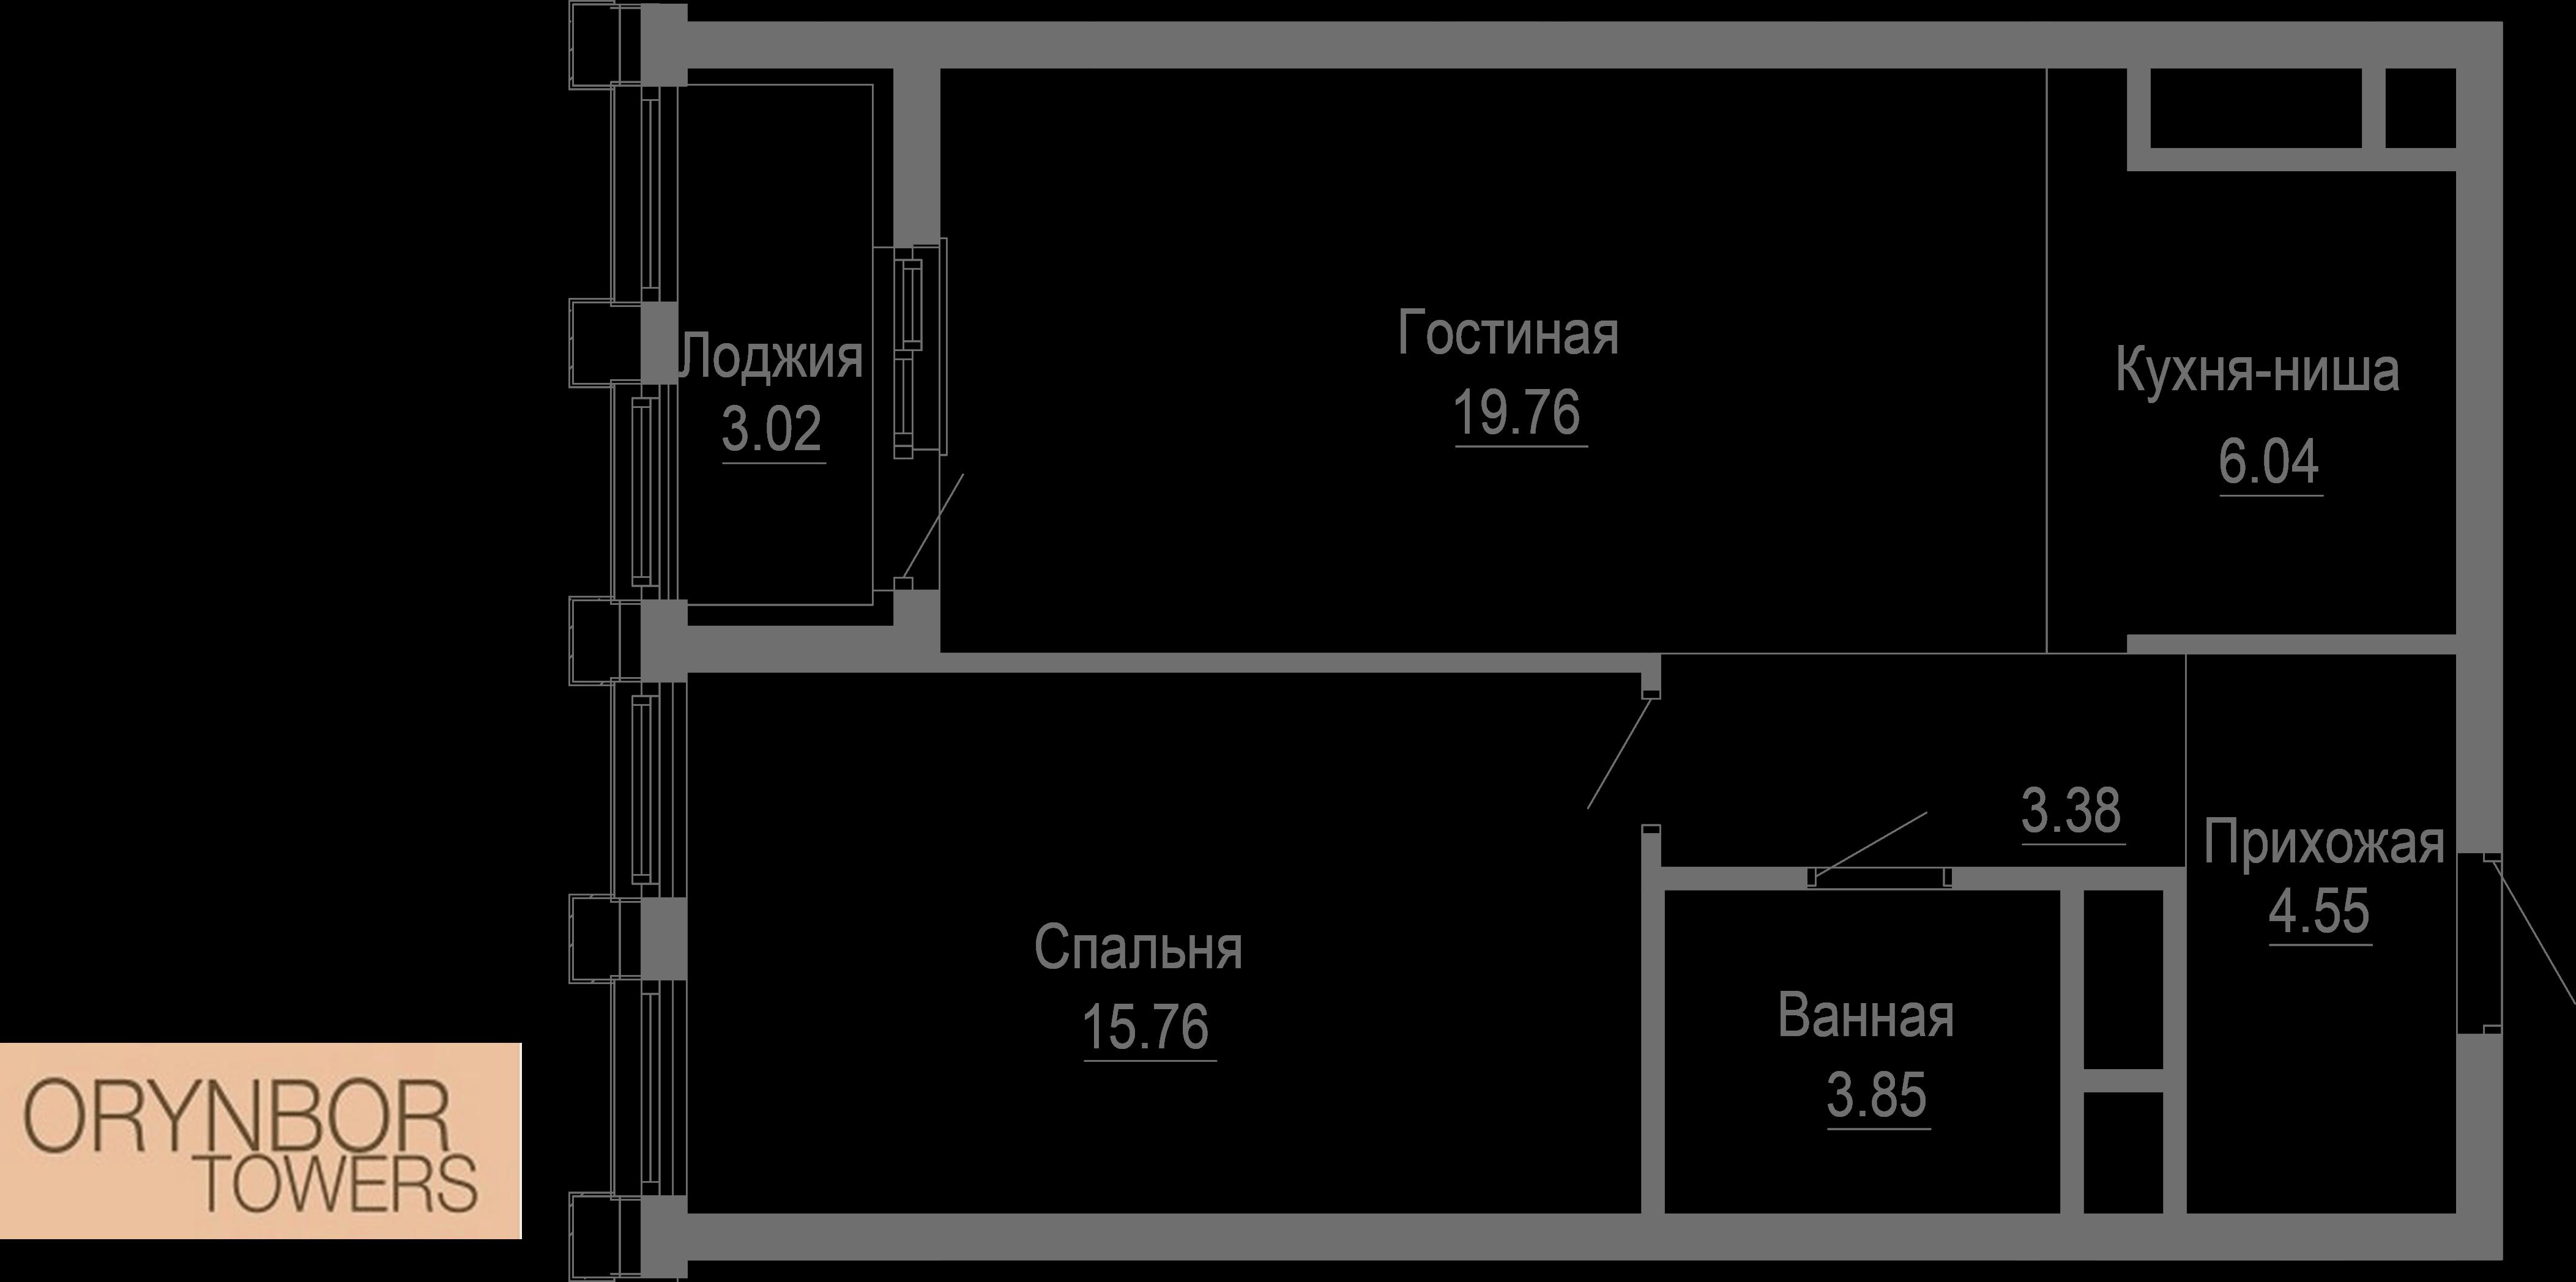 Блок 1-2, Пәтер 41